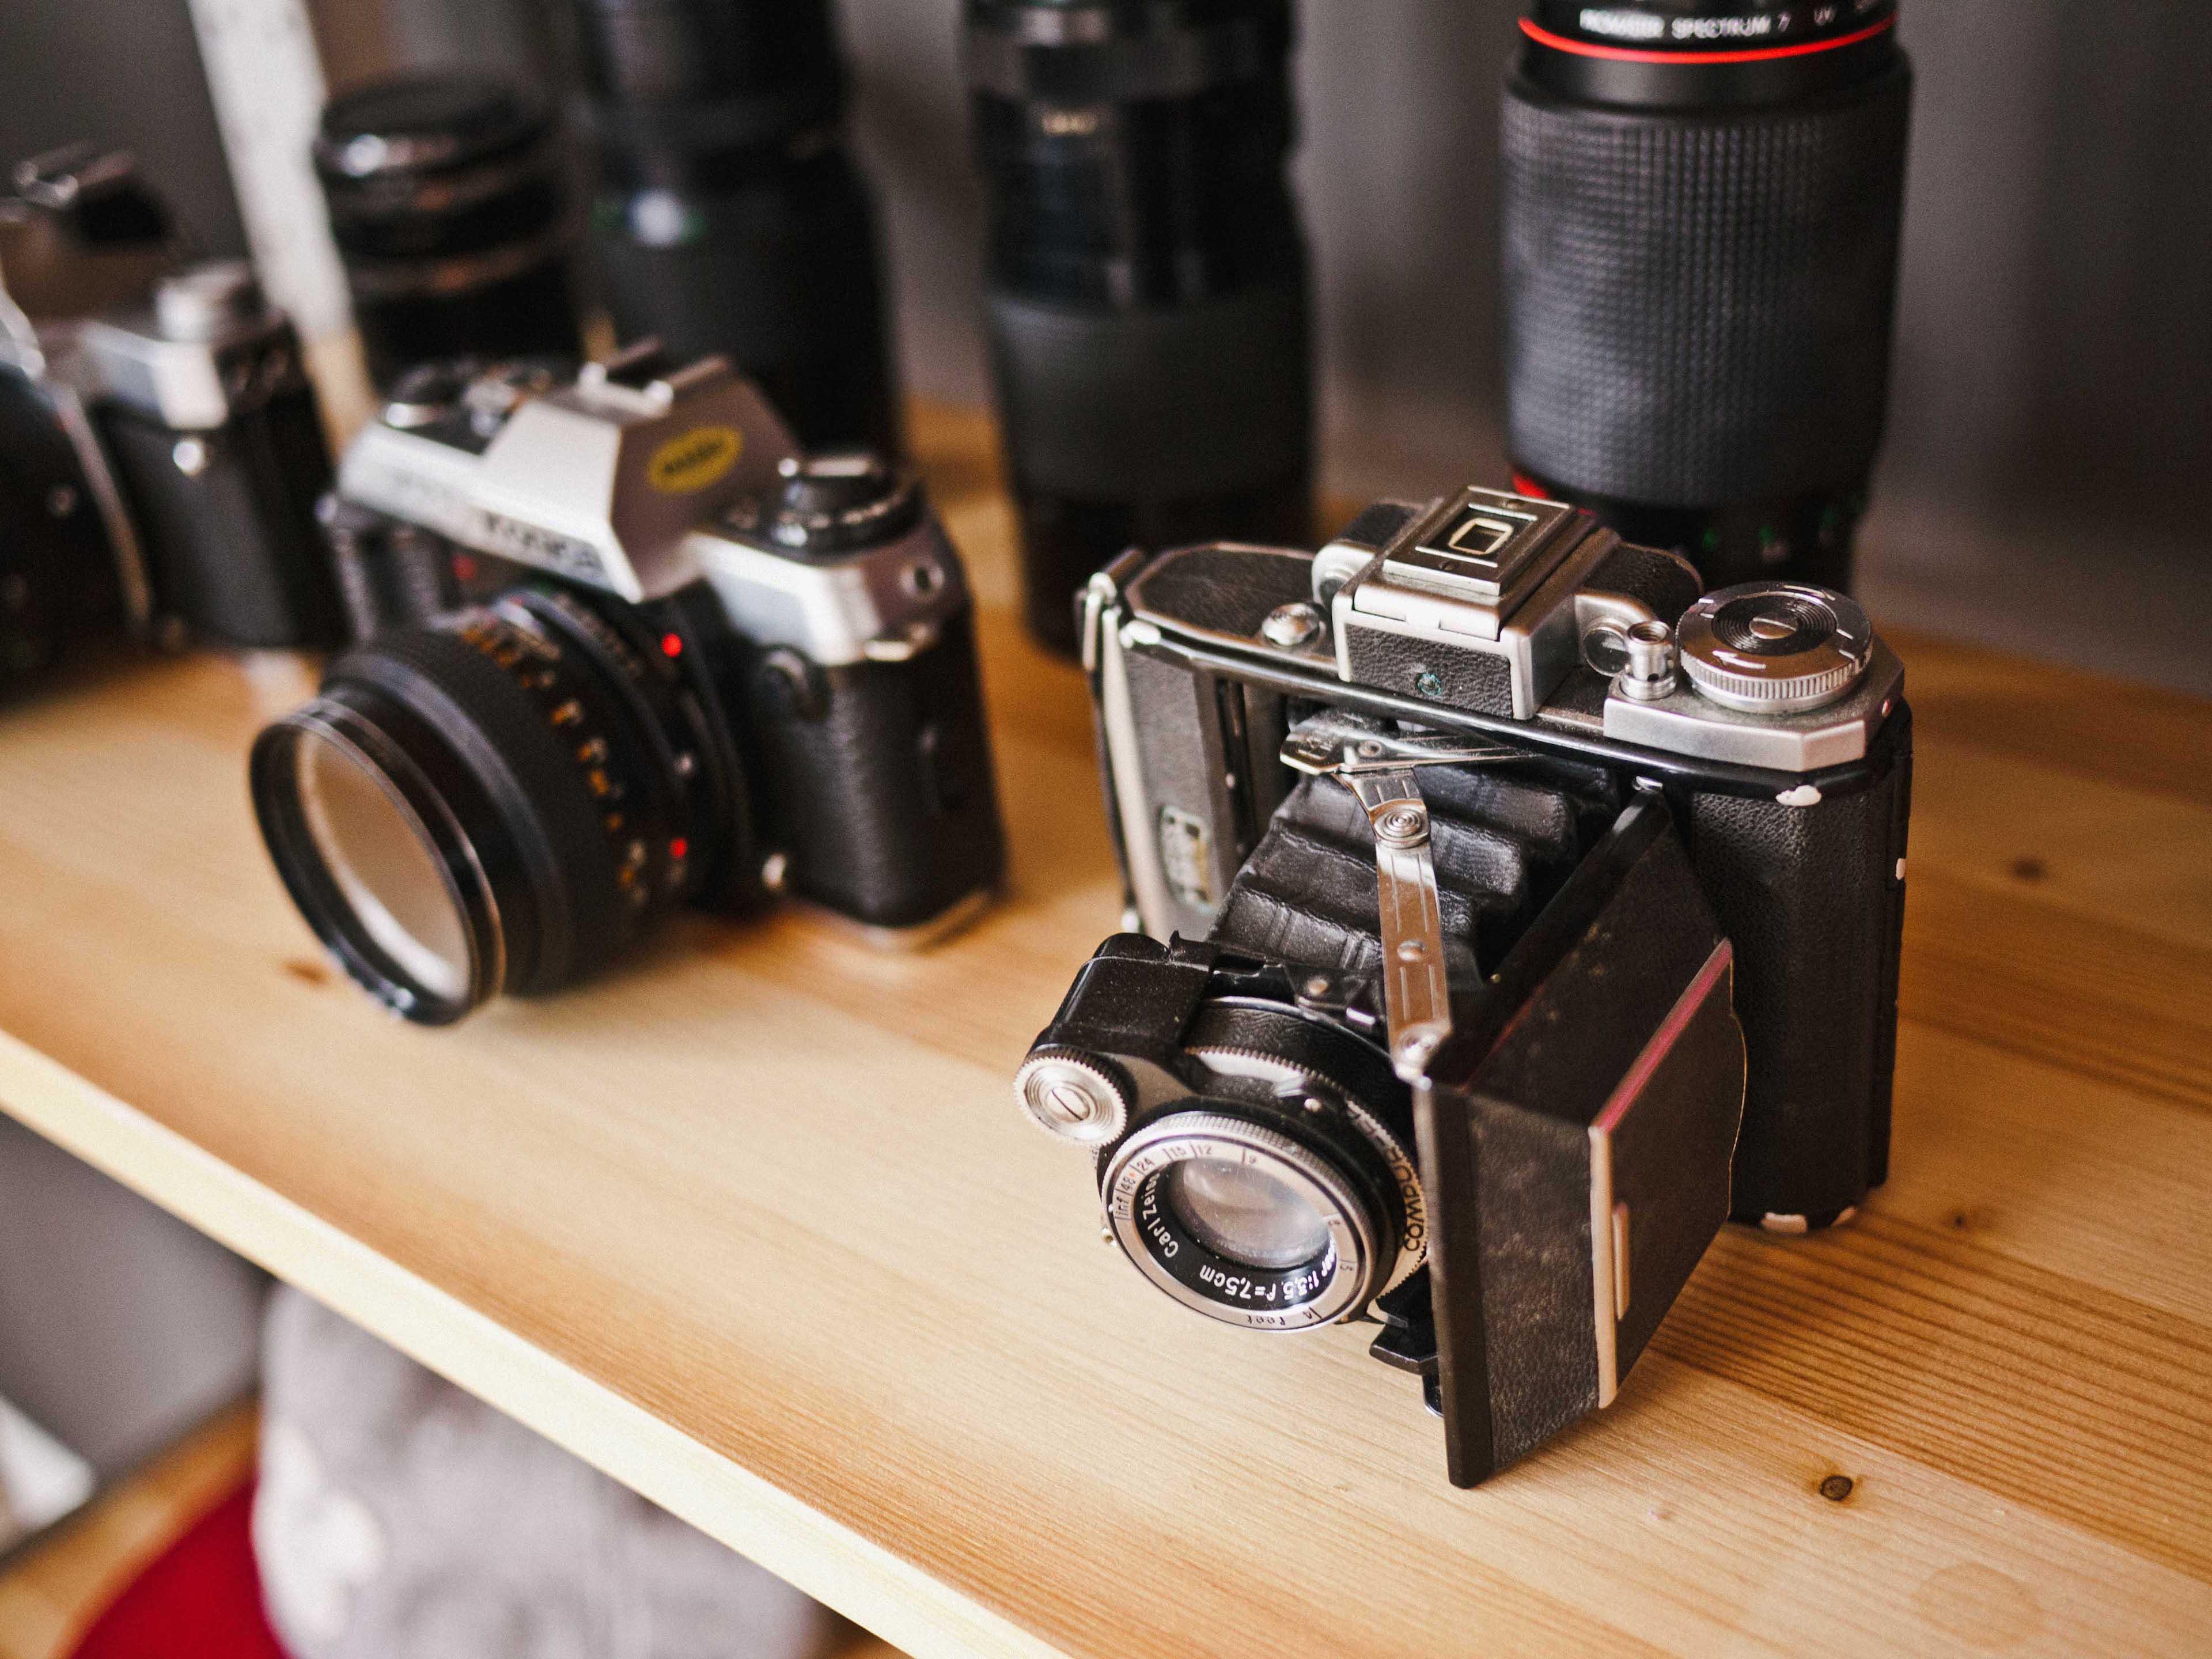 cameras-3840x2880.jpg